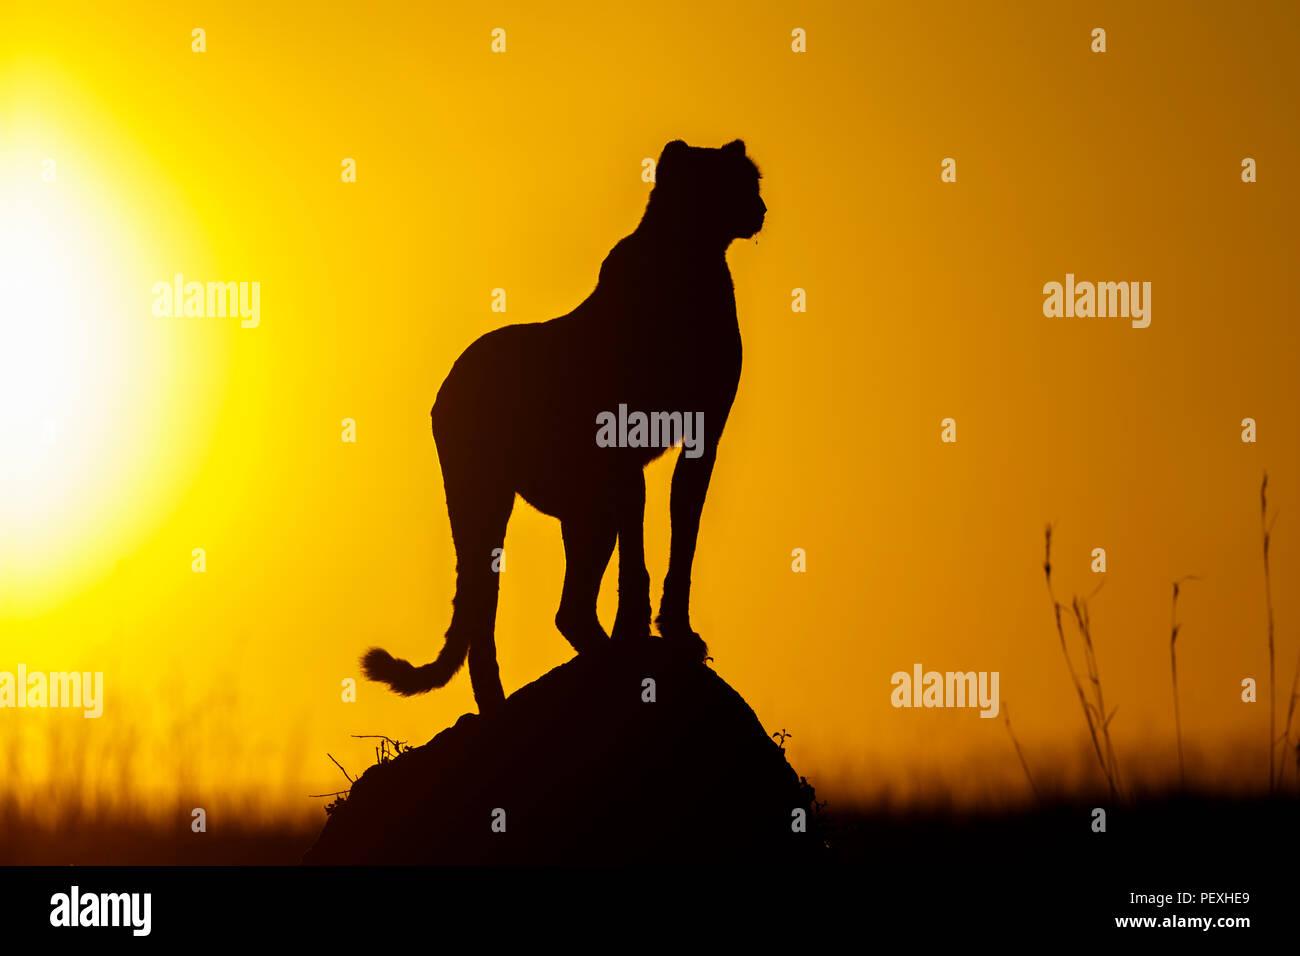 Nach weiblichen Geparden (Acinonyx jubatus) durch die frühe Morgensonne Silhouette steht, wachsam und aufmerksam im Grünland, Masai Mara National Reserve, Kenia Stockbild